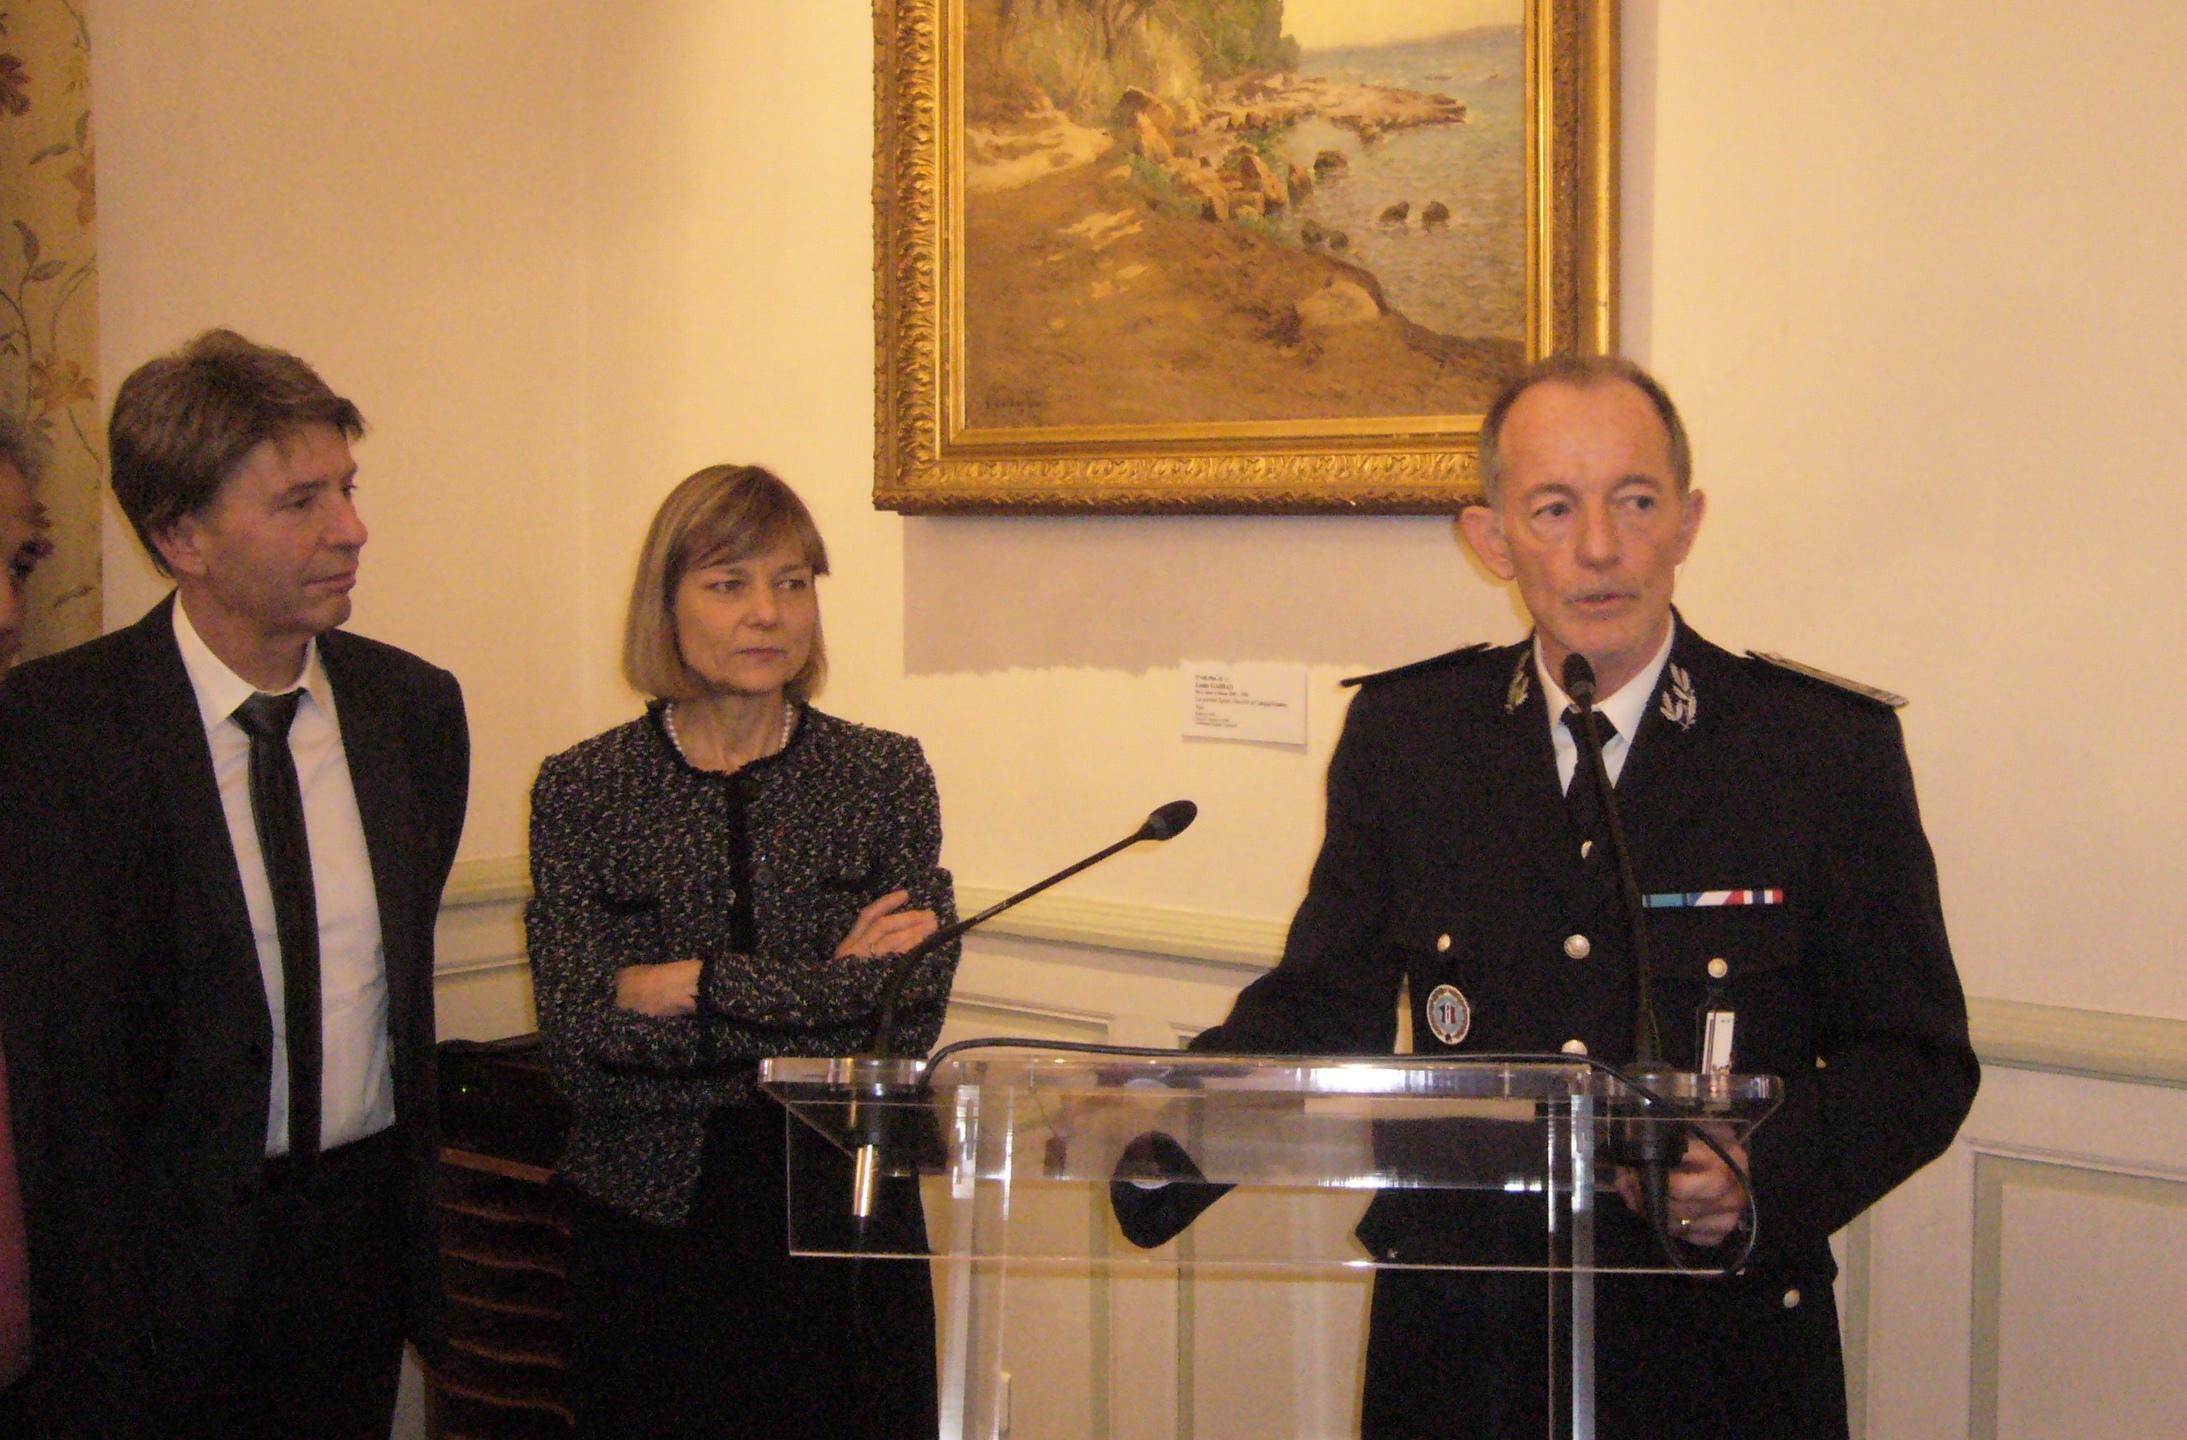 Le Commissaire Alain Miller est promu dans les Bouches-du-Rhône.